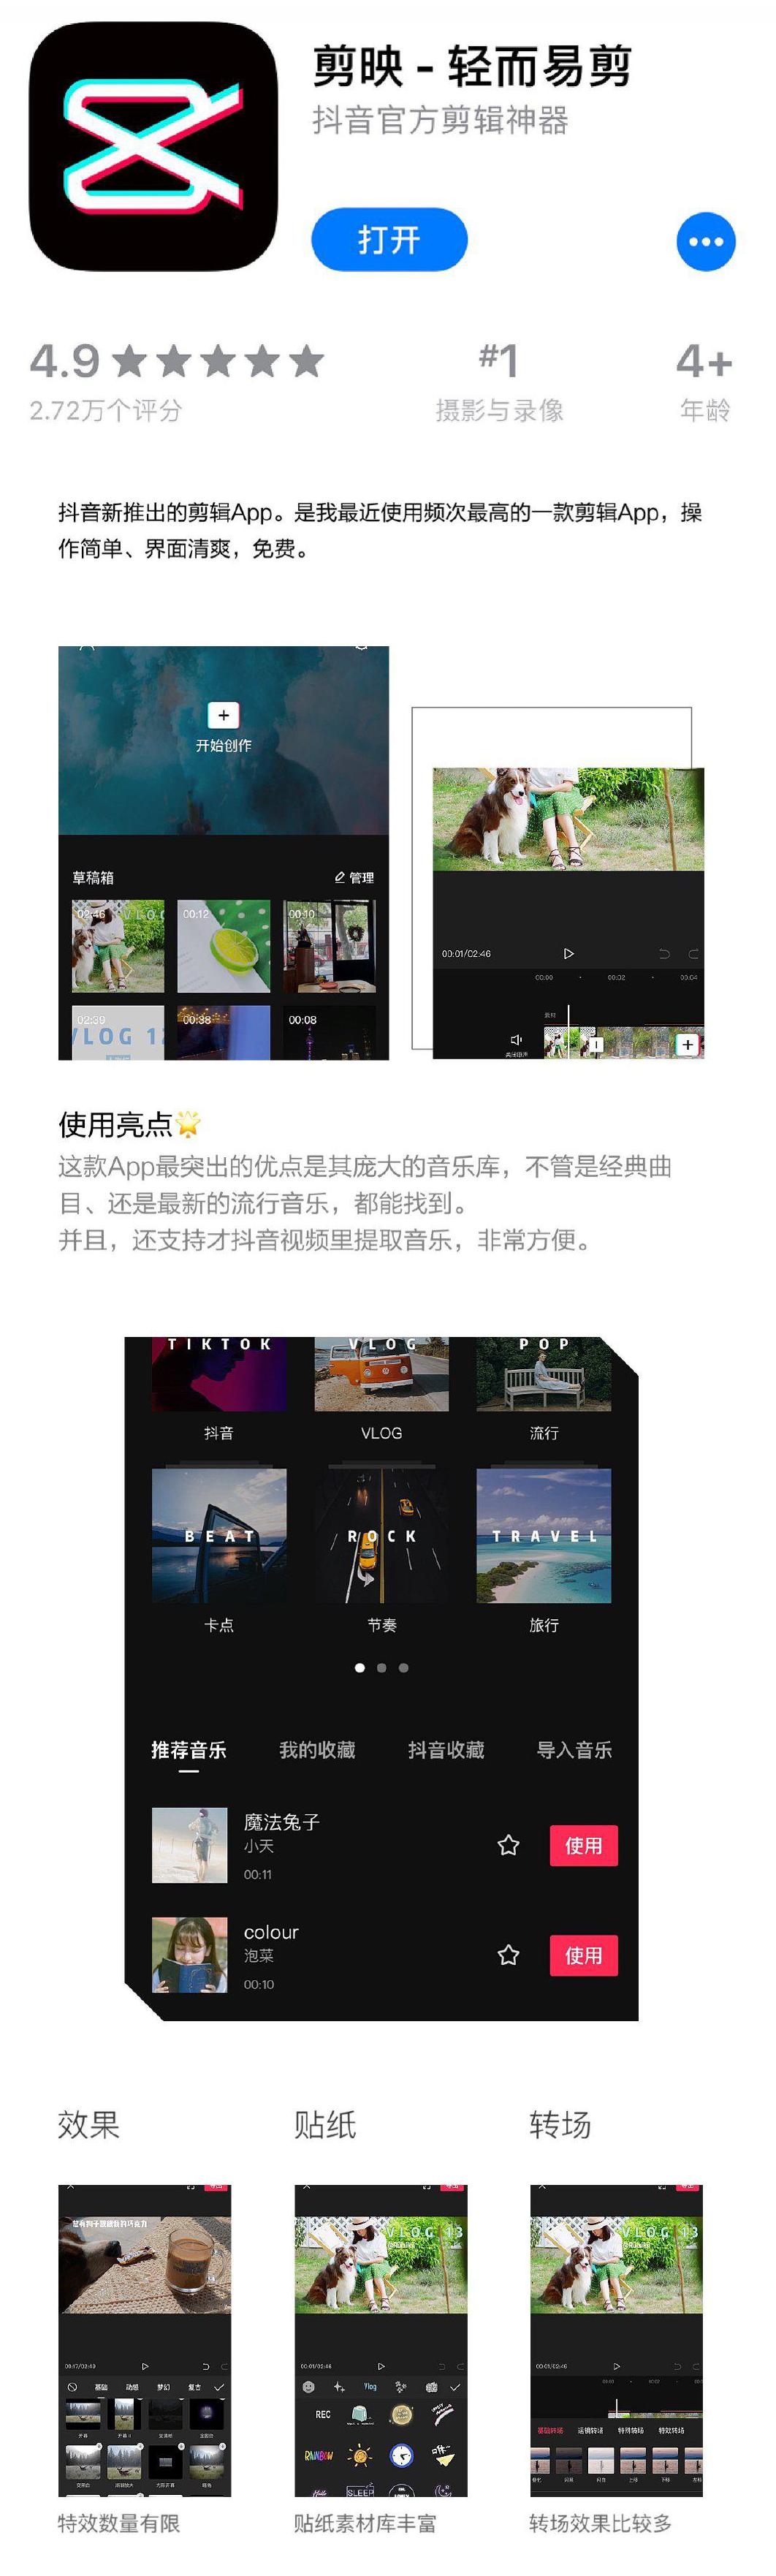 剪映剪辑视频的软件app